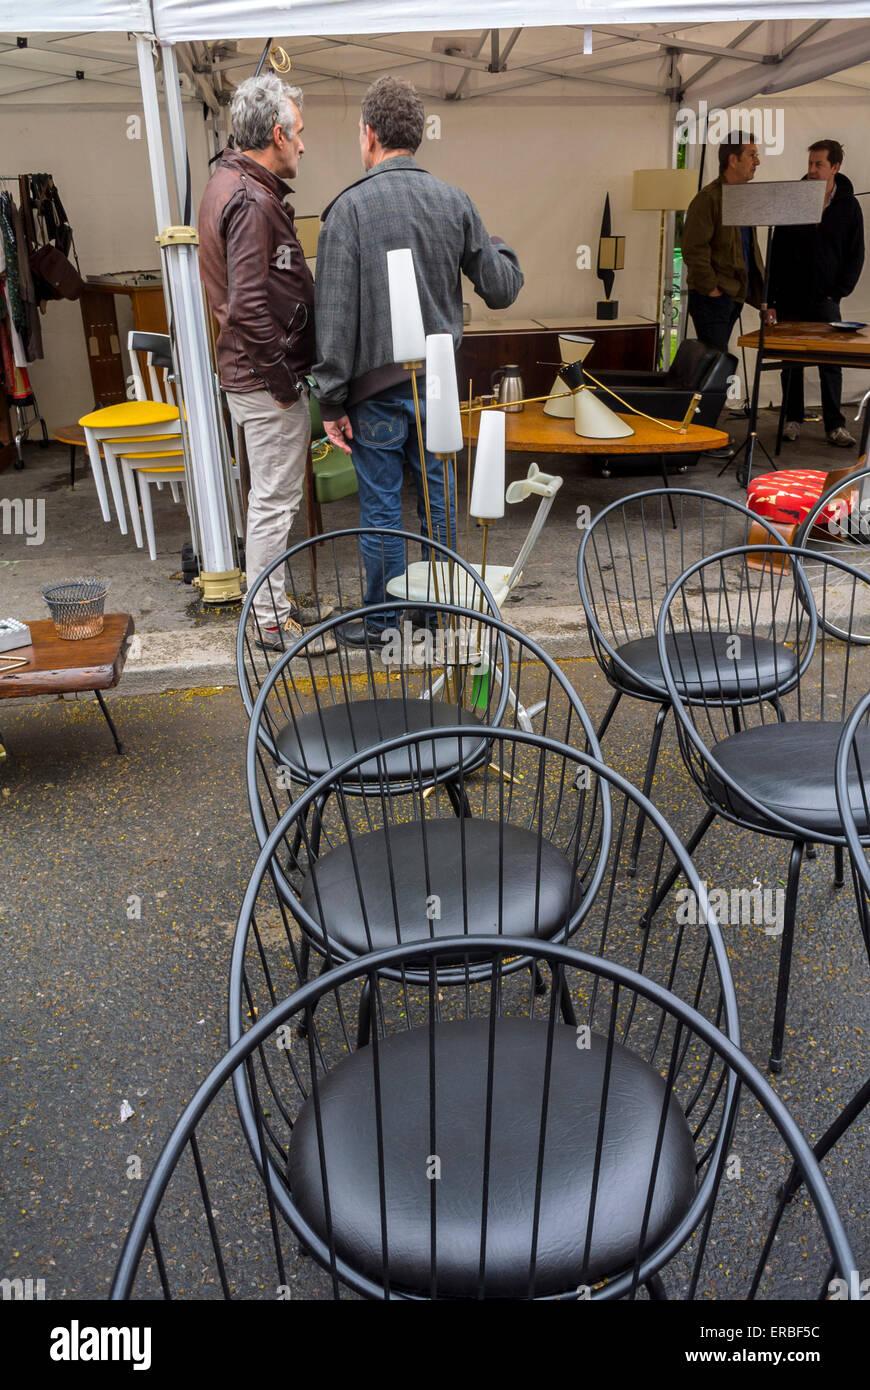 Franzosischer Vintage Mobel Flohmarkt Stockfotos Und Bilder Kaufen Alamy